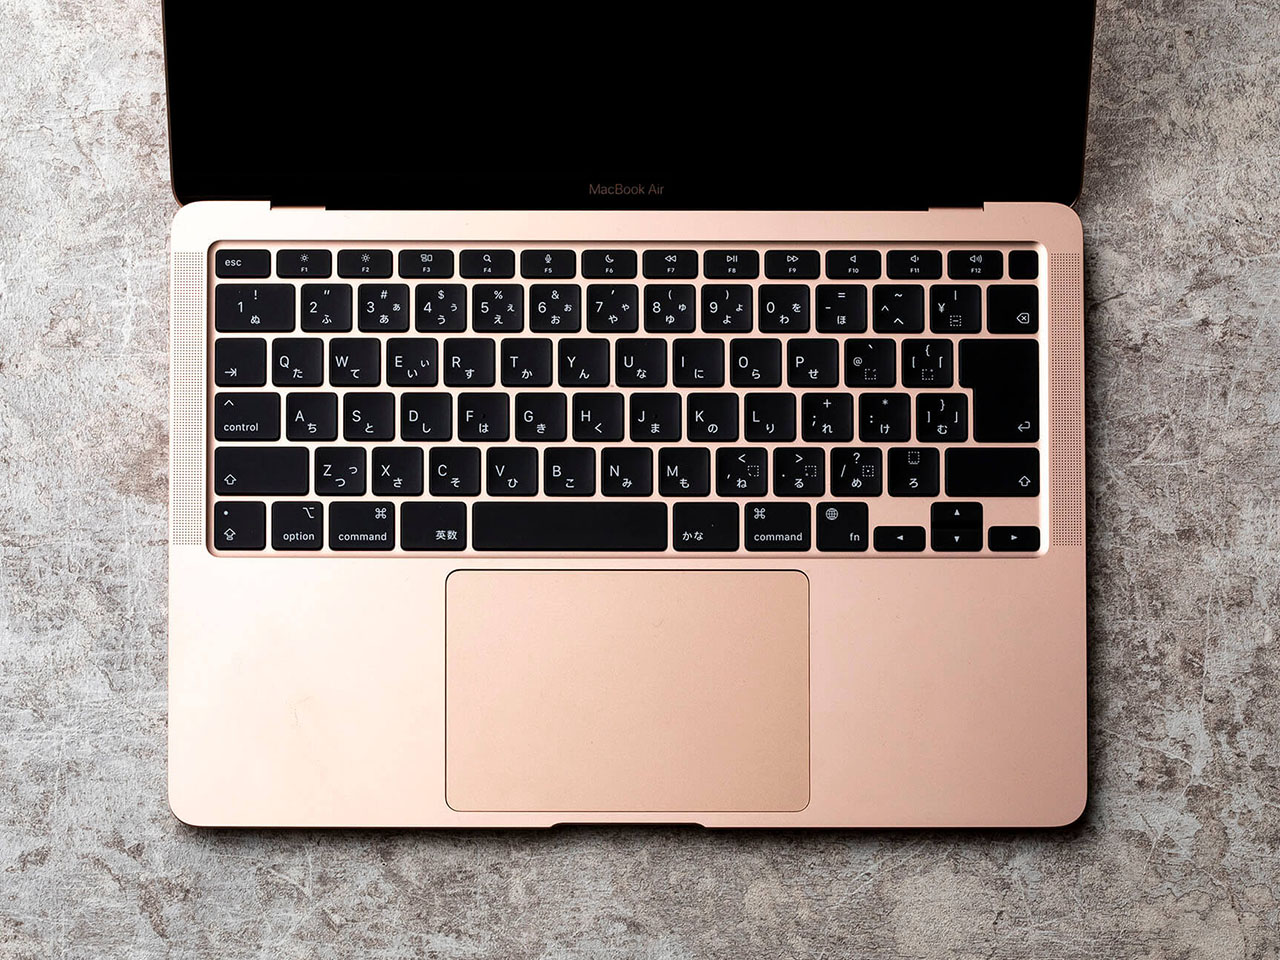 『本体 上面 参考1』 MacBook Air Retinaディスプレイ 13.3 MGND3J/A [ゴールド] の製品画像